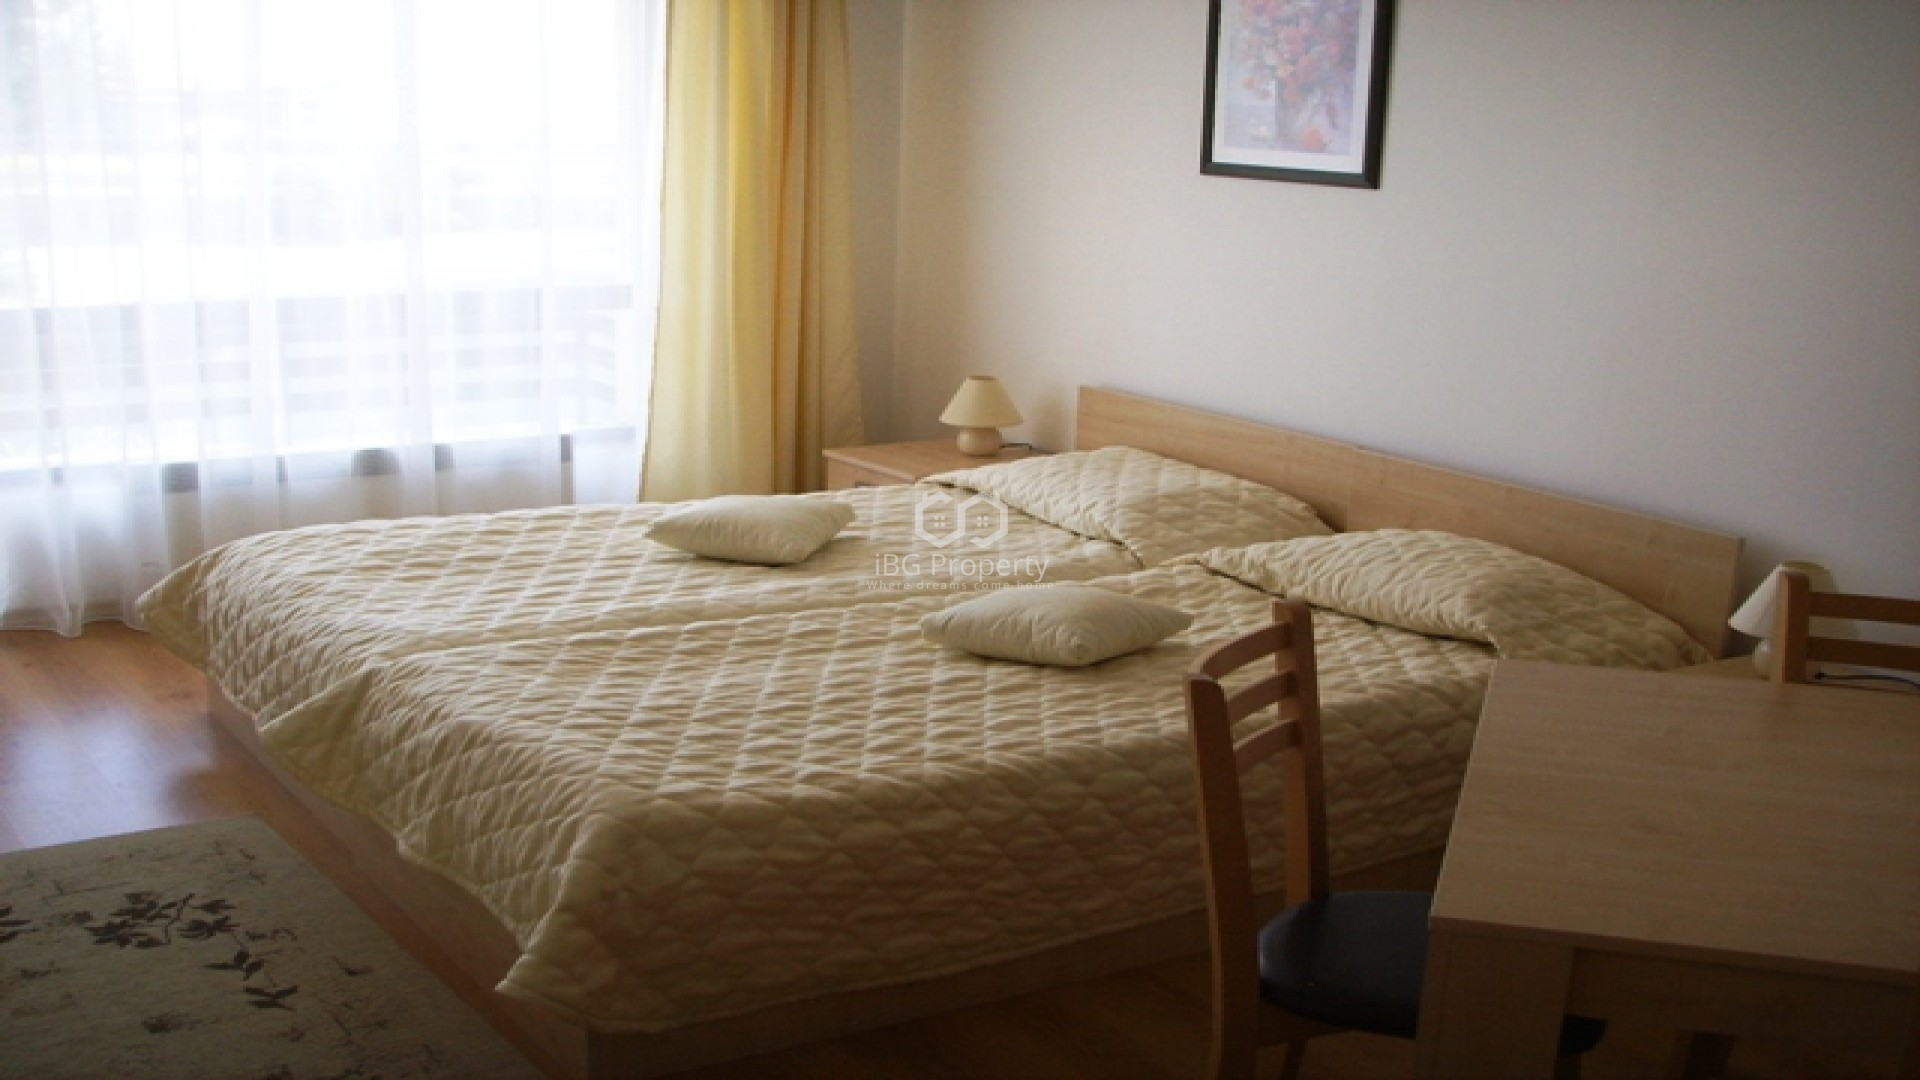 Едностаен апартамент Банско 44 m2